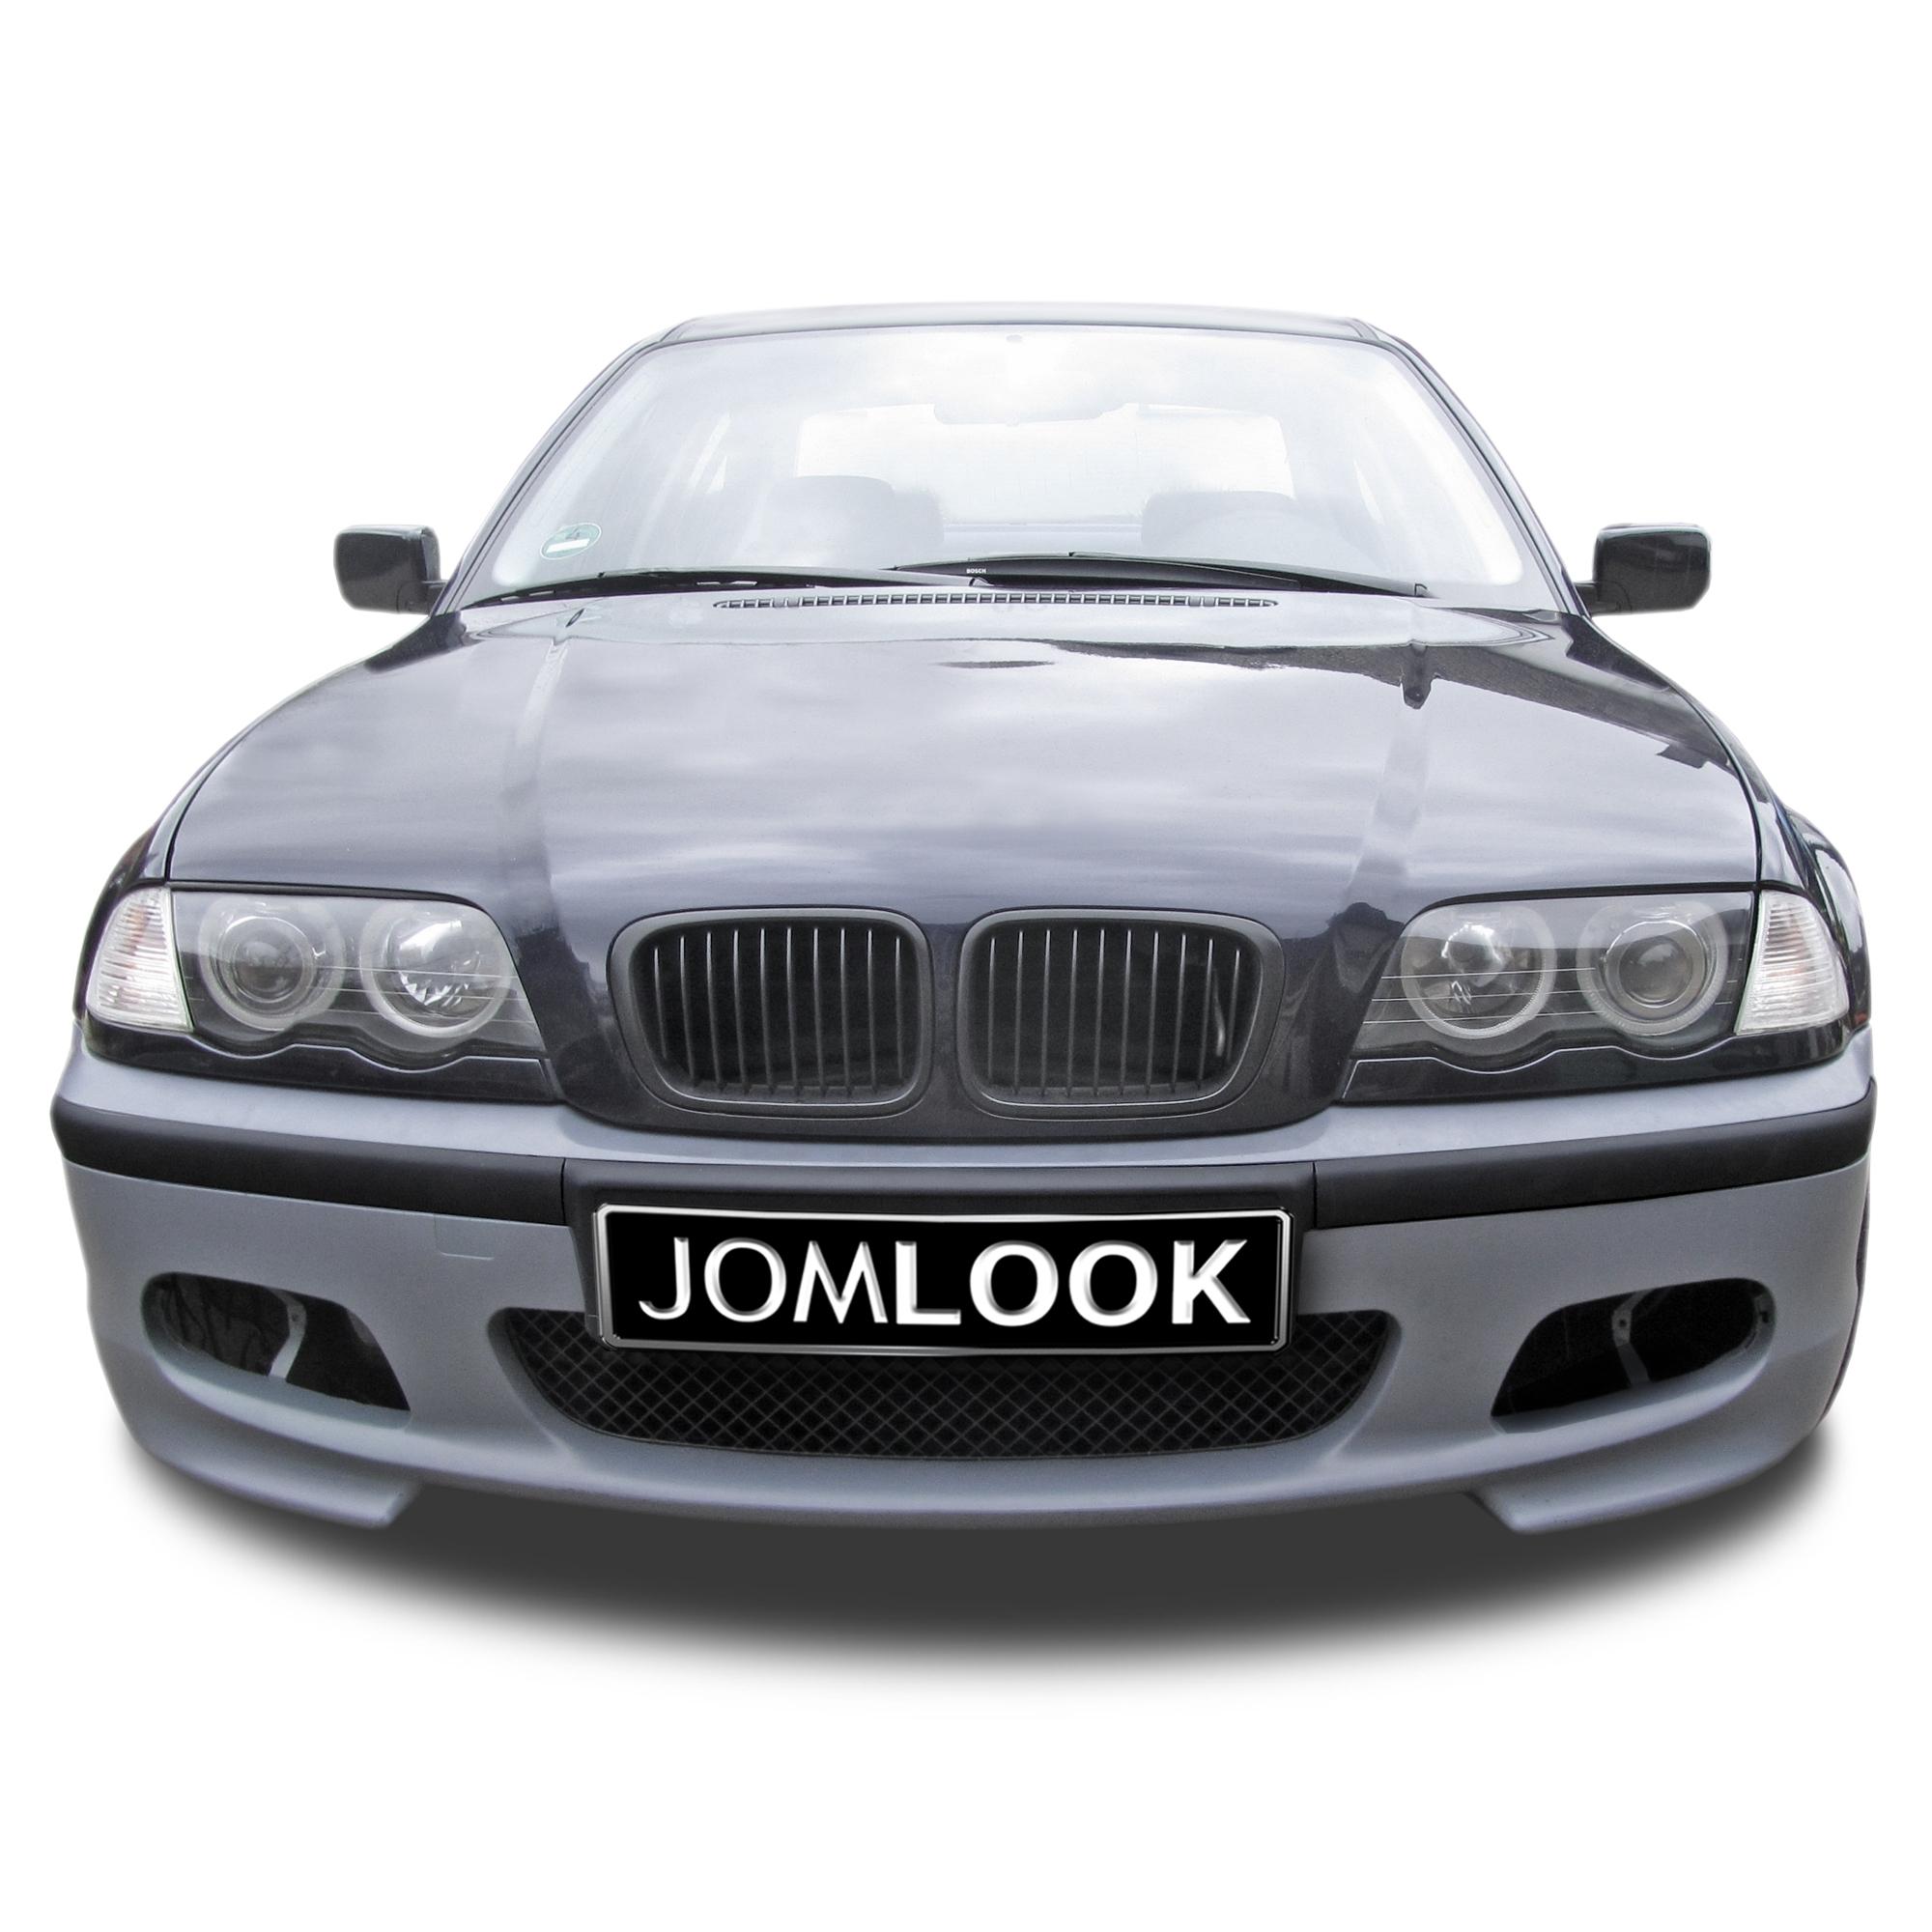 JOM Forkofanger Sports design til BMW 3 serie E46 Limousine og Touring årgang 1998-2005 Styling